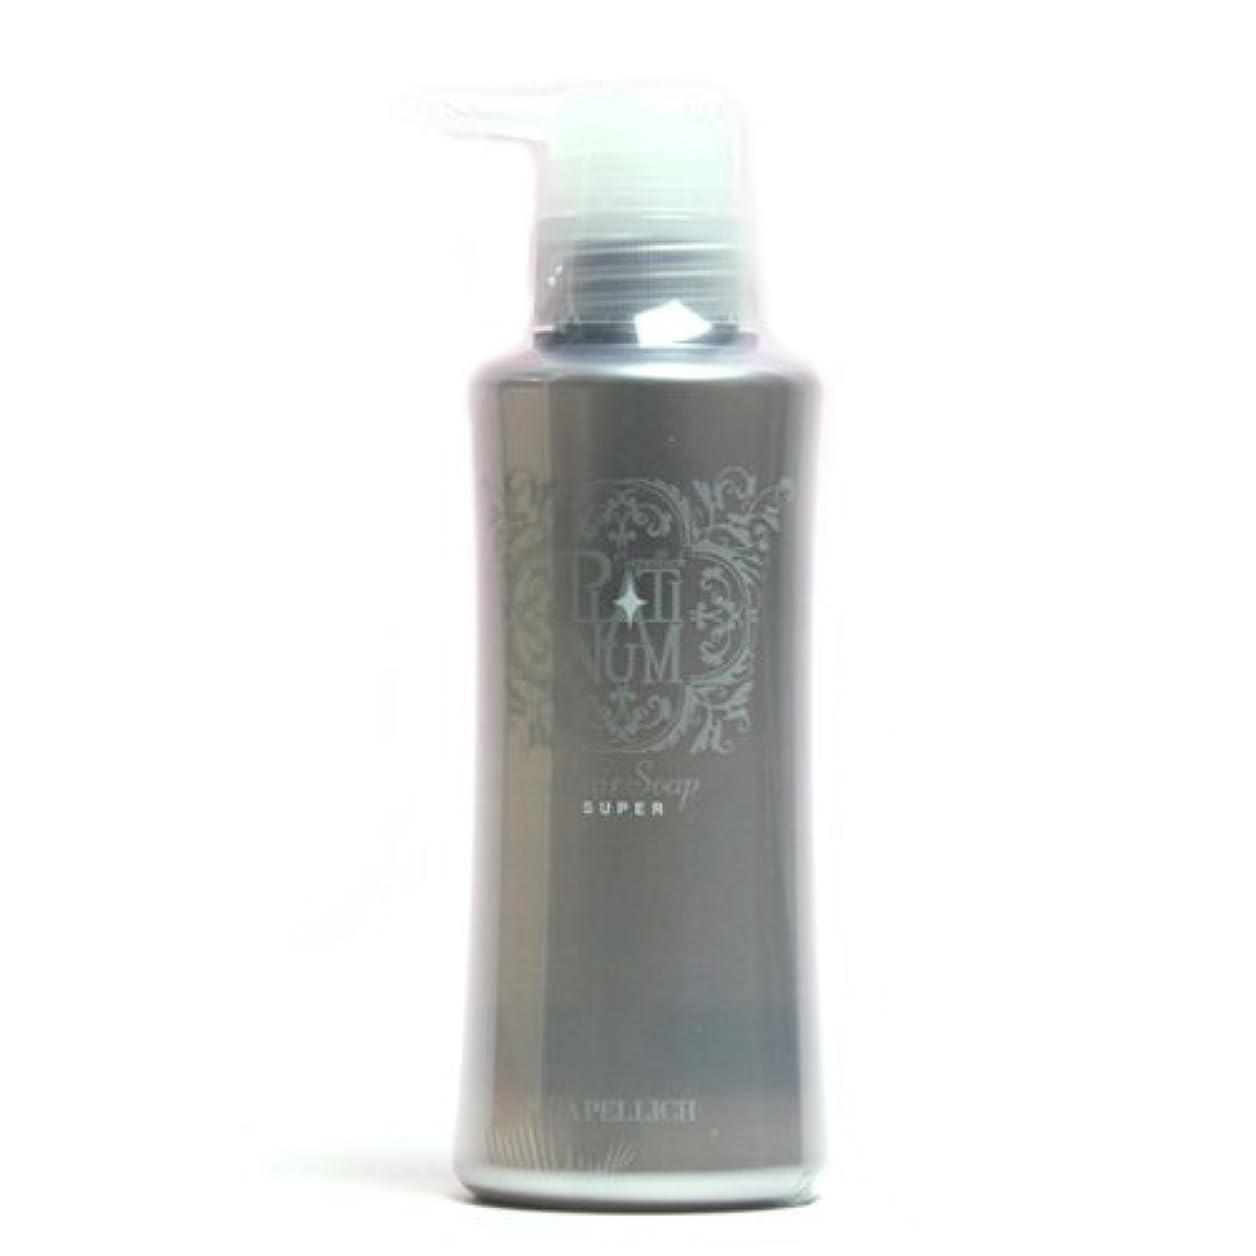 息切れ取り除く増加するエジソンライトハウス カペリッチ プラチナム スーパーヘアソープ 300ml